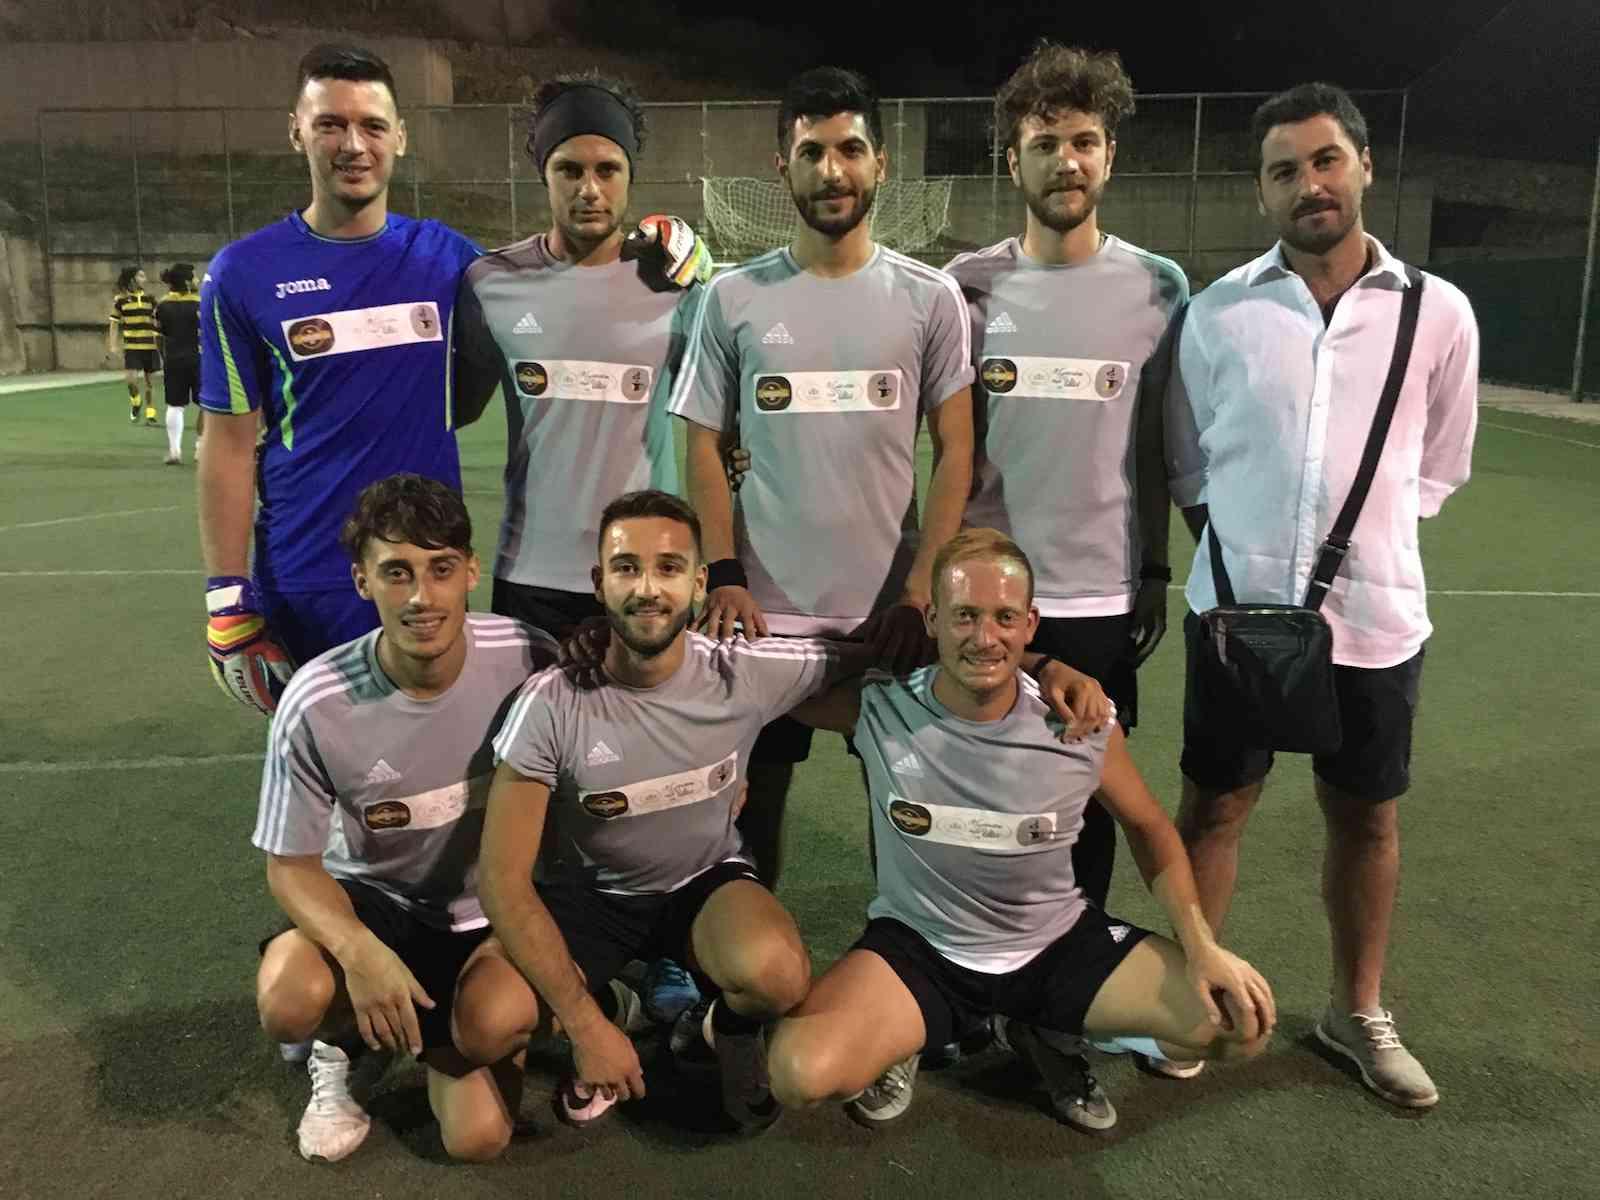 Barcellizzeria Graffelivi vince il torneo estivo di calcetto Città di Salaparuta